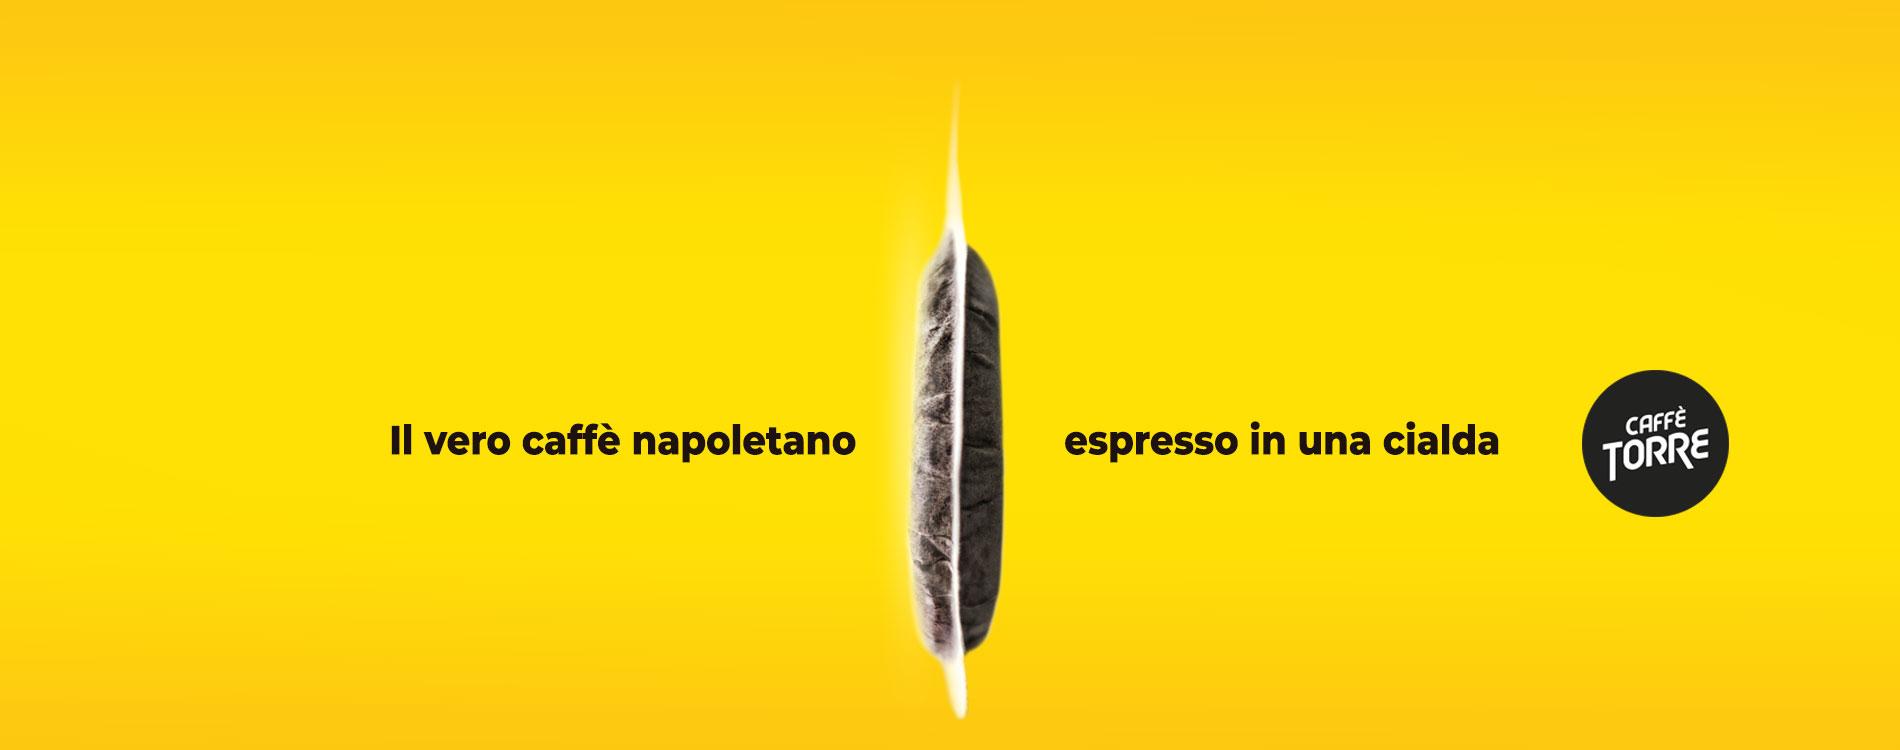 ateacme-agenzia-pubblicitaria-napoli-caffe-torre